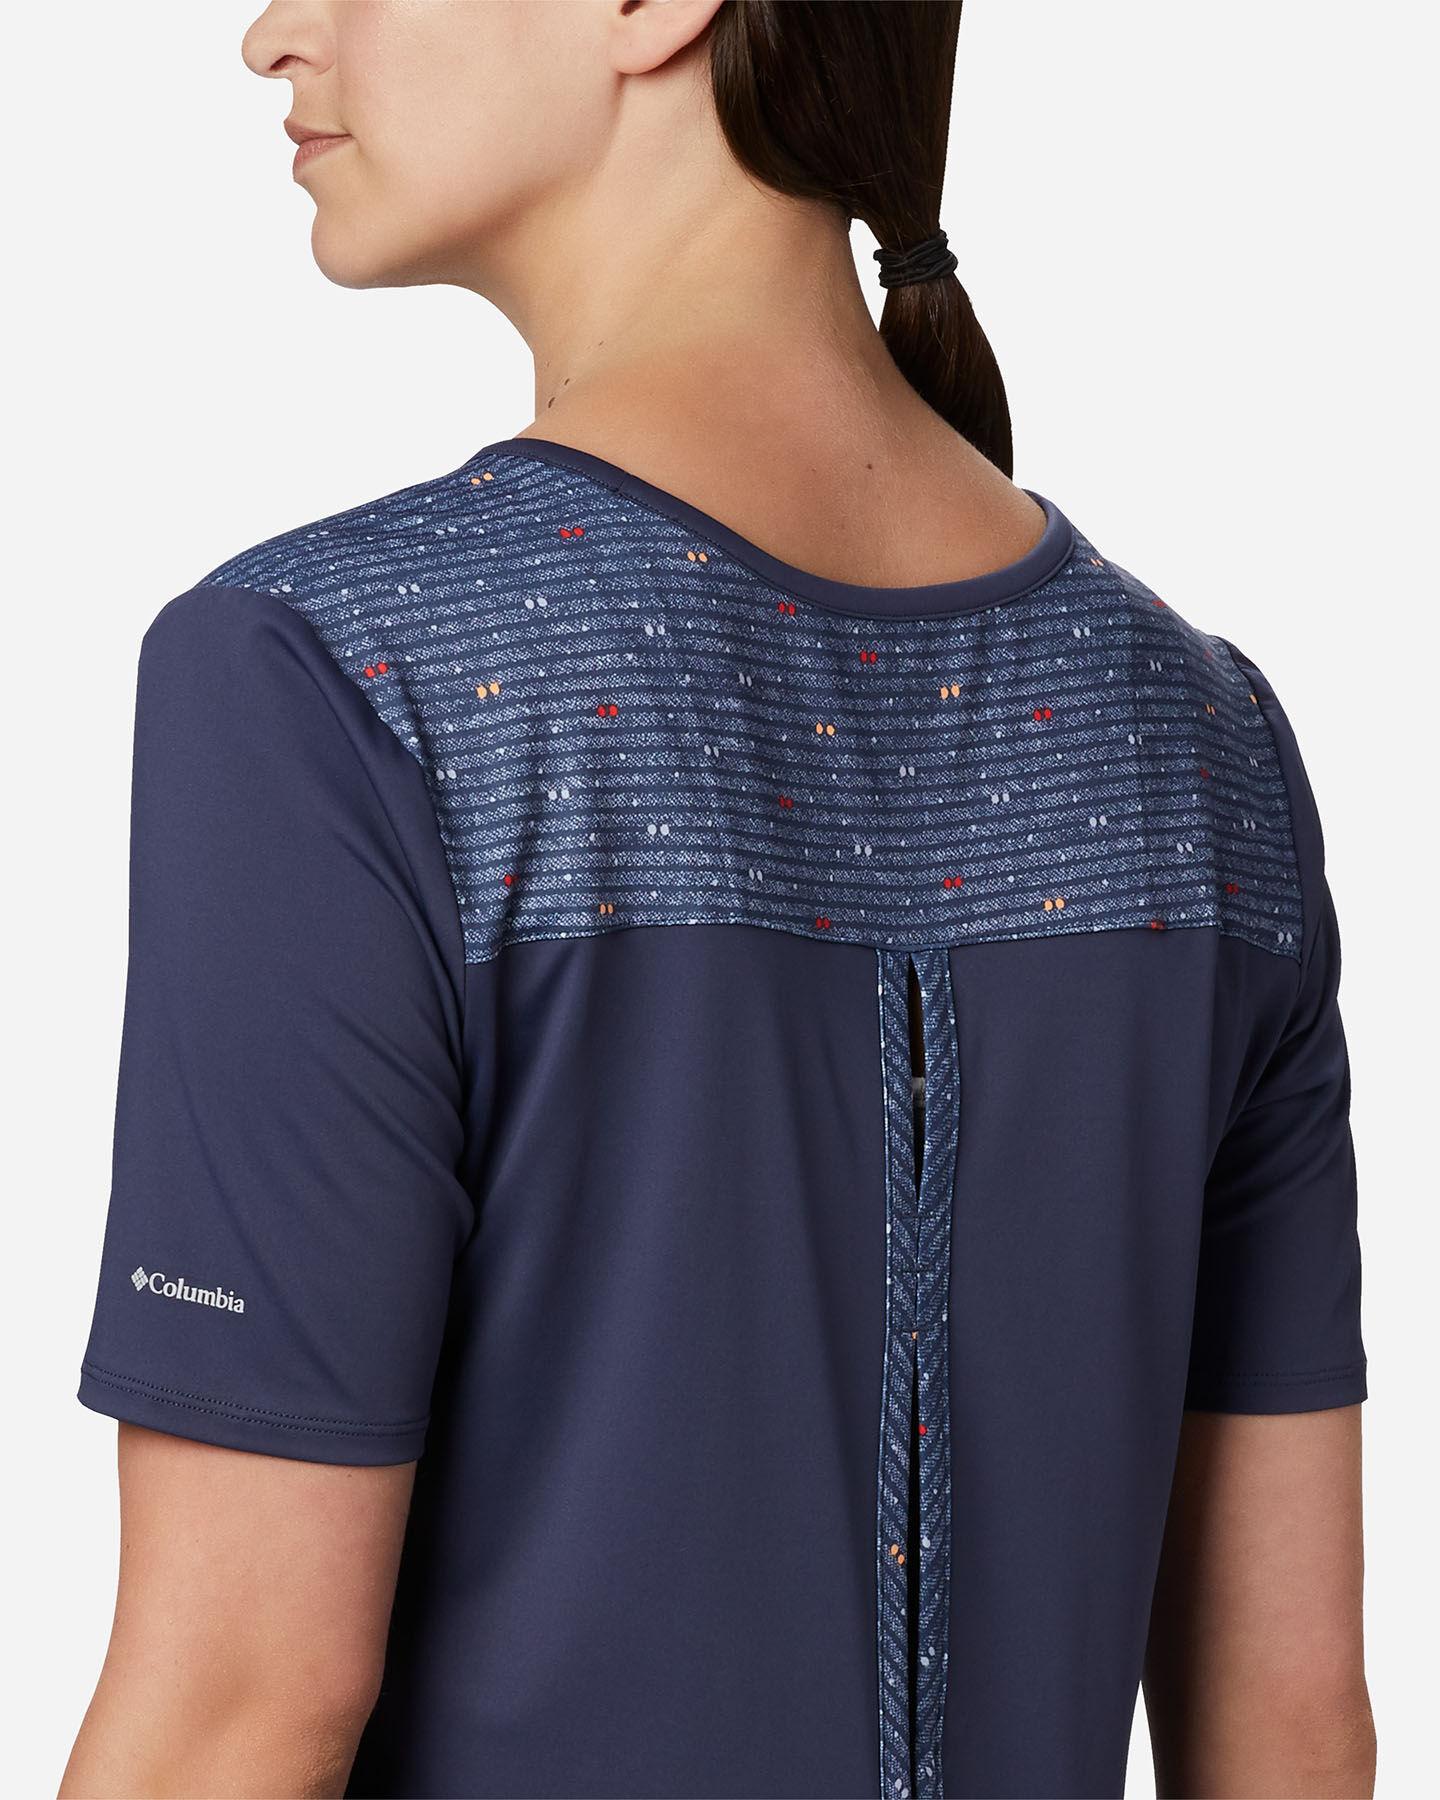 T-Shirt COLUMBIA CHILL RIVER W S5174997 scatto 4